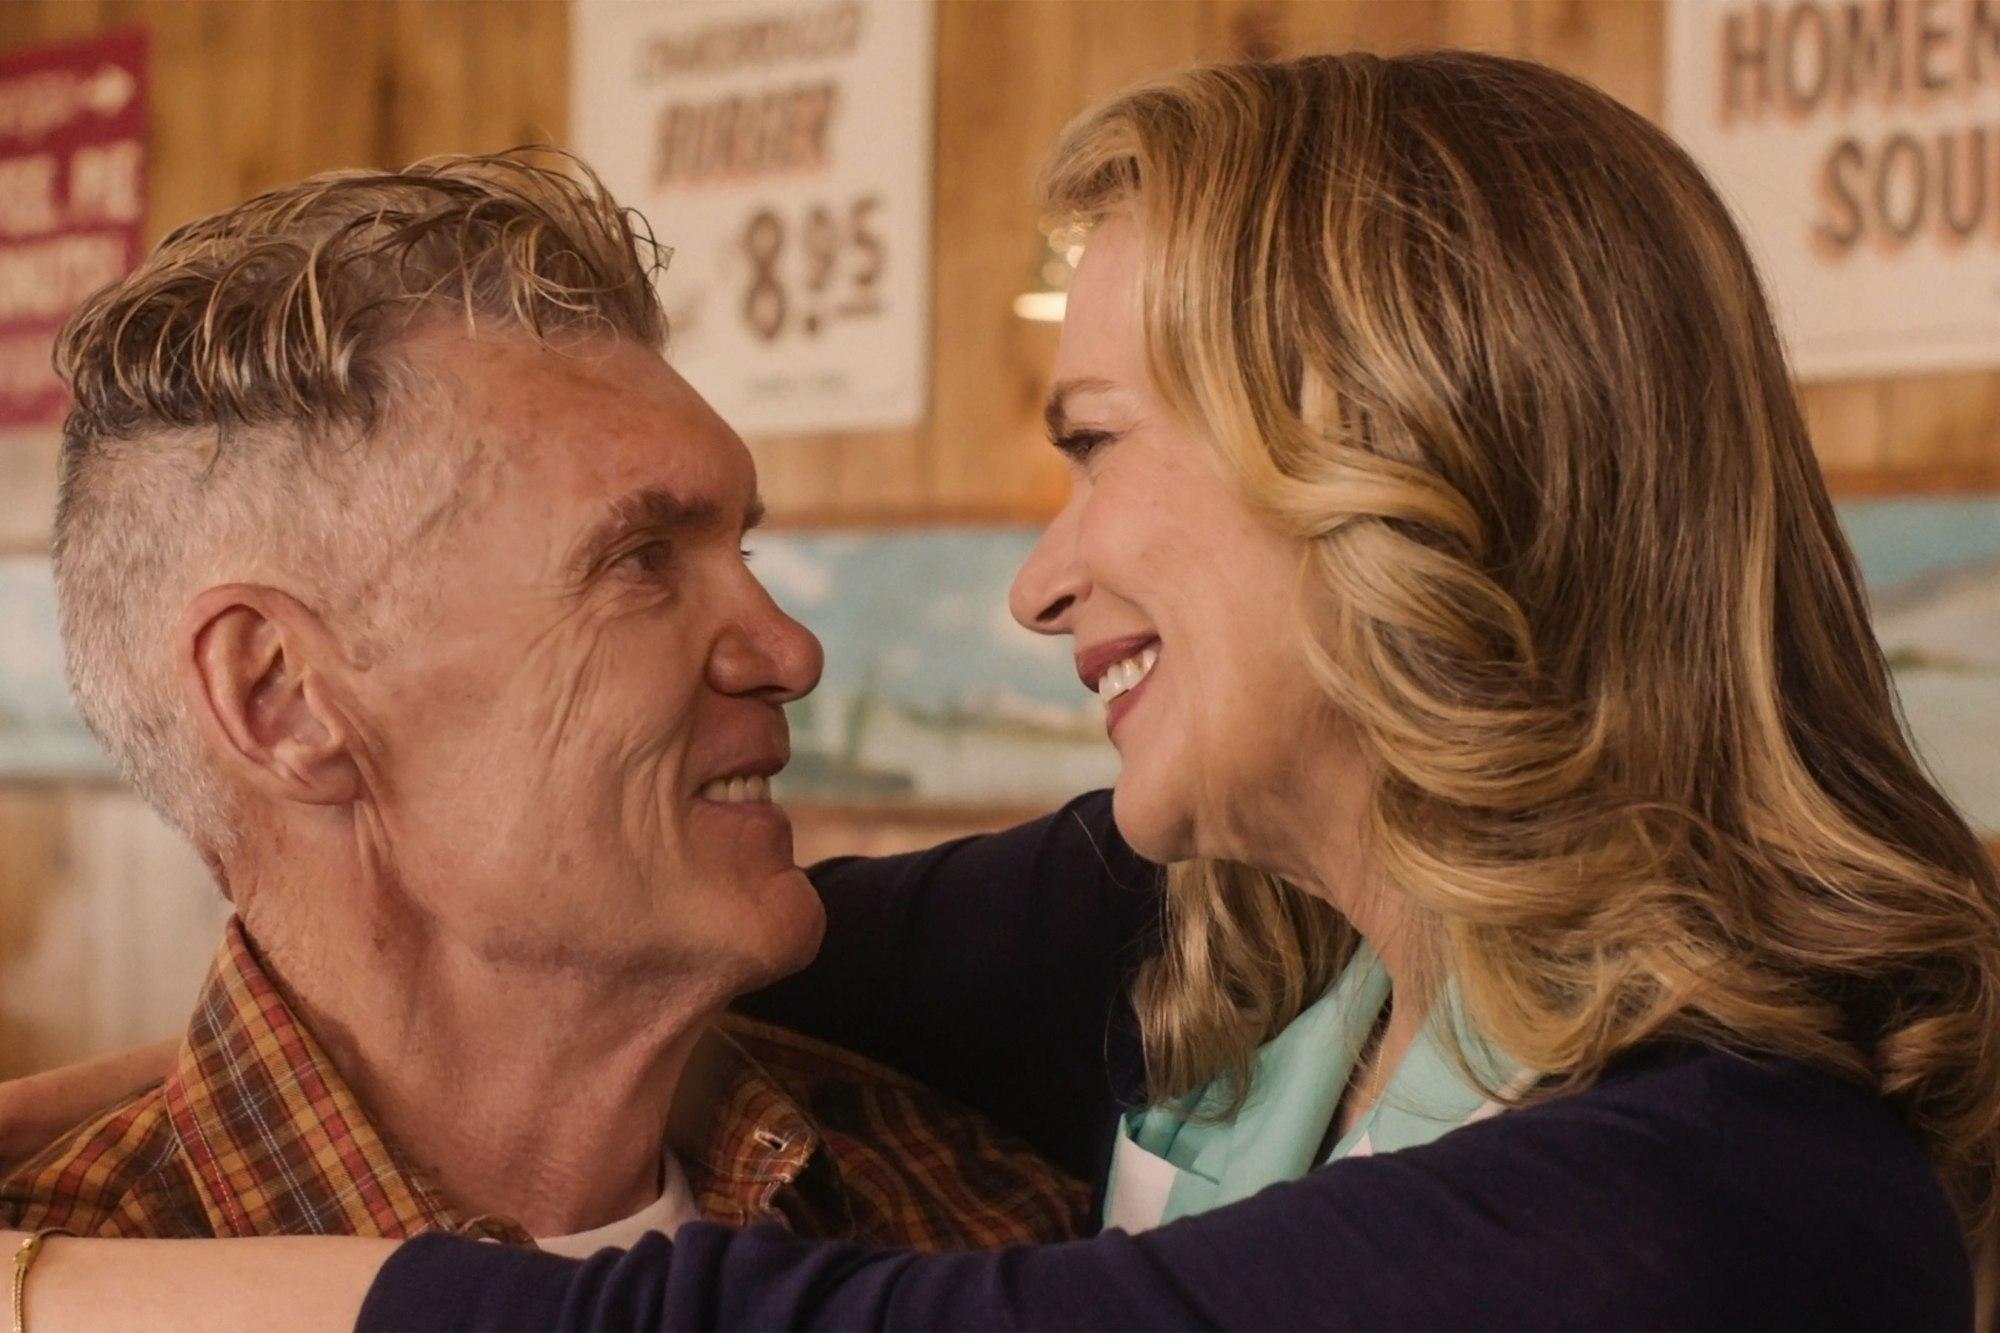 Twin Peaks 3 David Lynch Mark Frost Kyle MacLachlan Angelo Badalamenti Sherilyn Fenn, Lauura Dern, Tim Roth Jennifer Jason Leigh